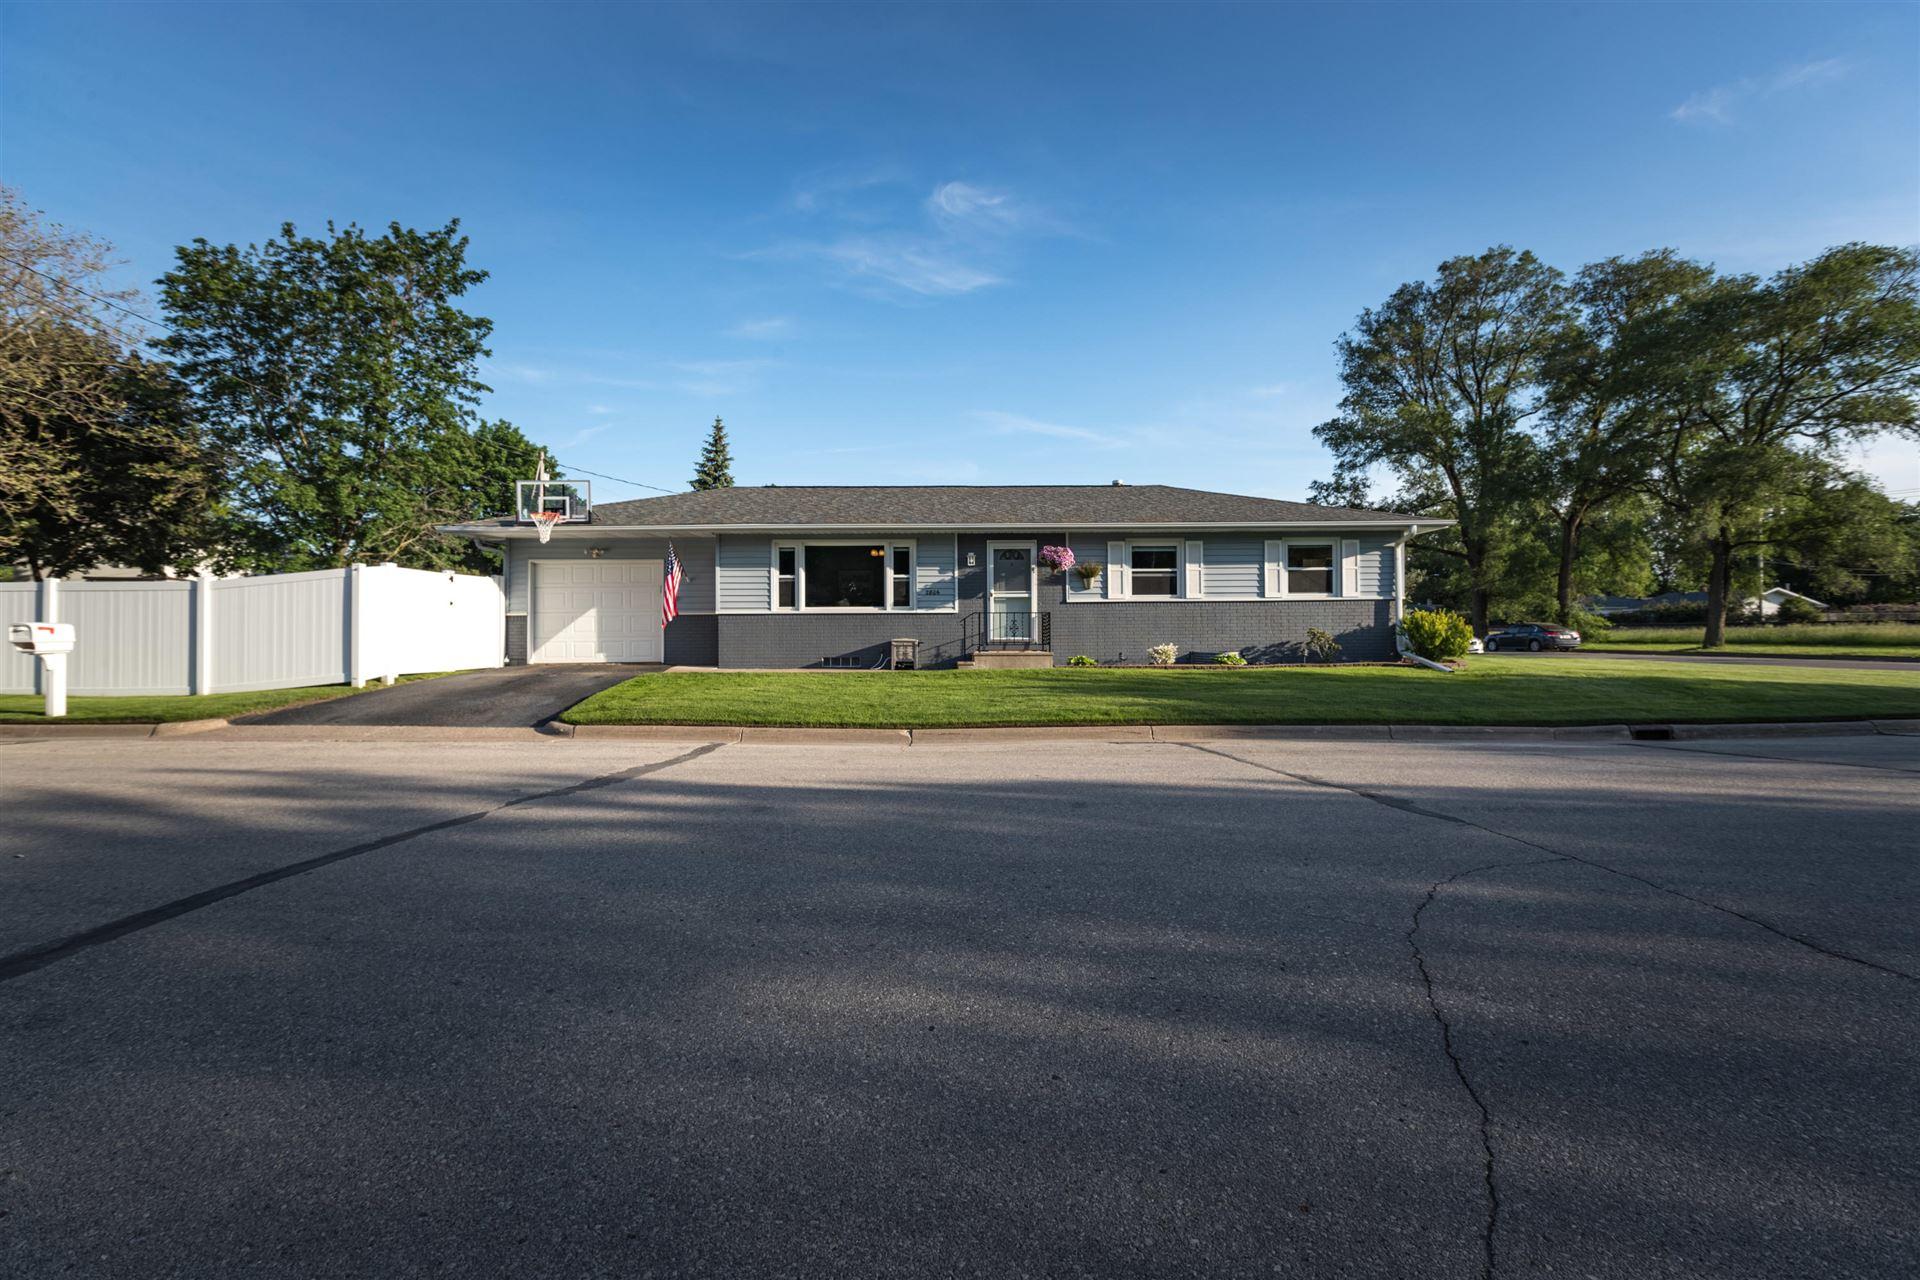 2806 Evergreen Pl, La Crosse, WI 54601 - MLS#: 1691447